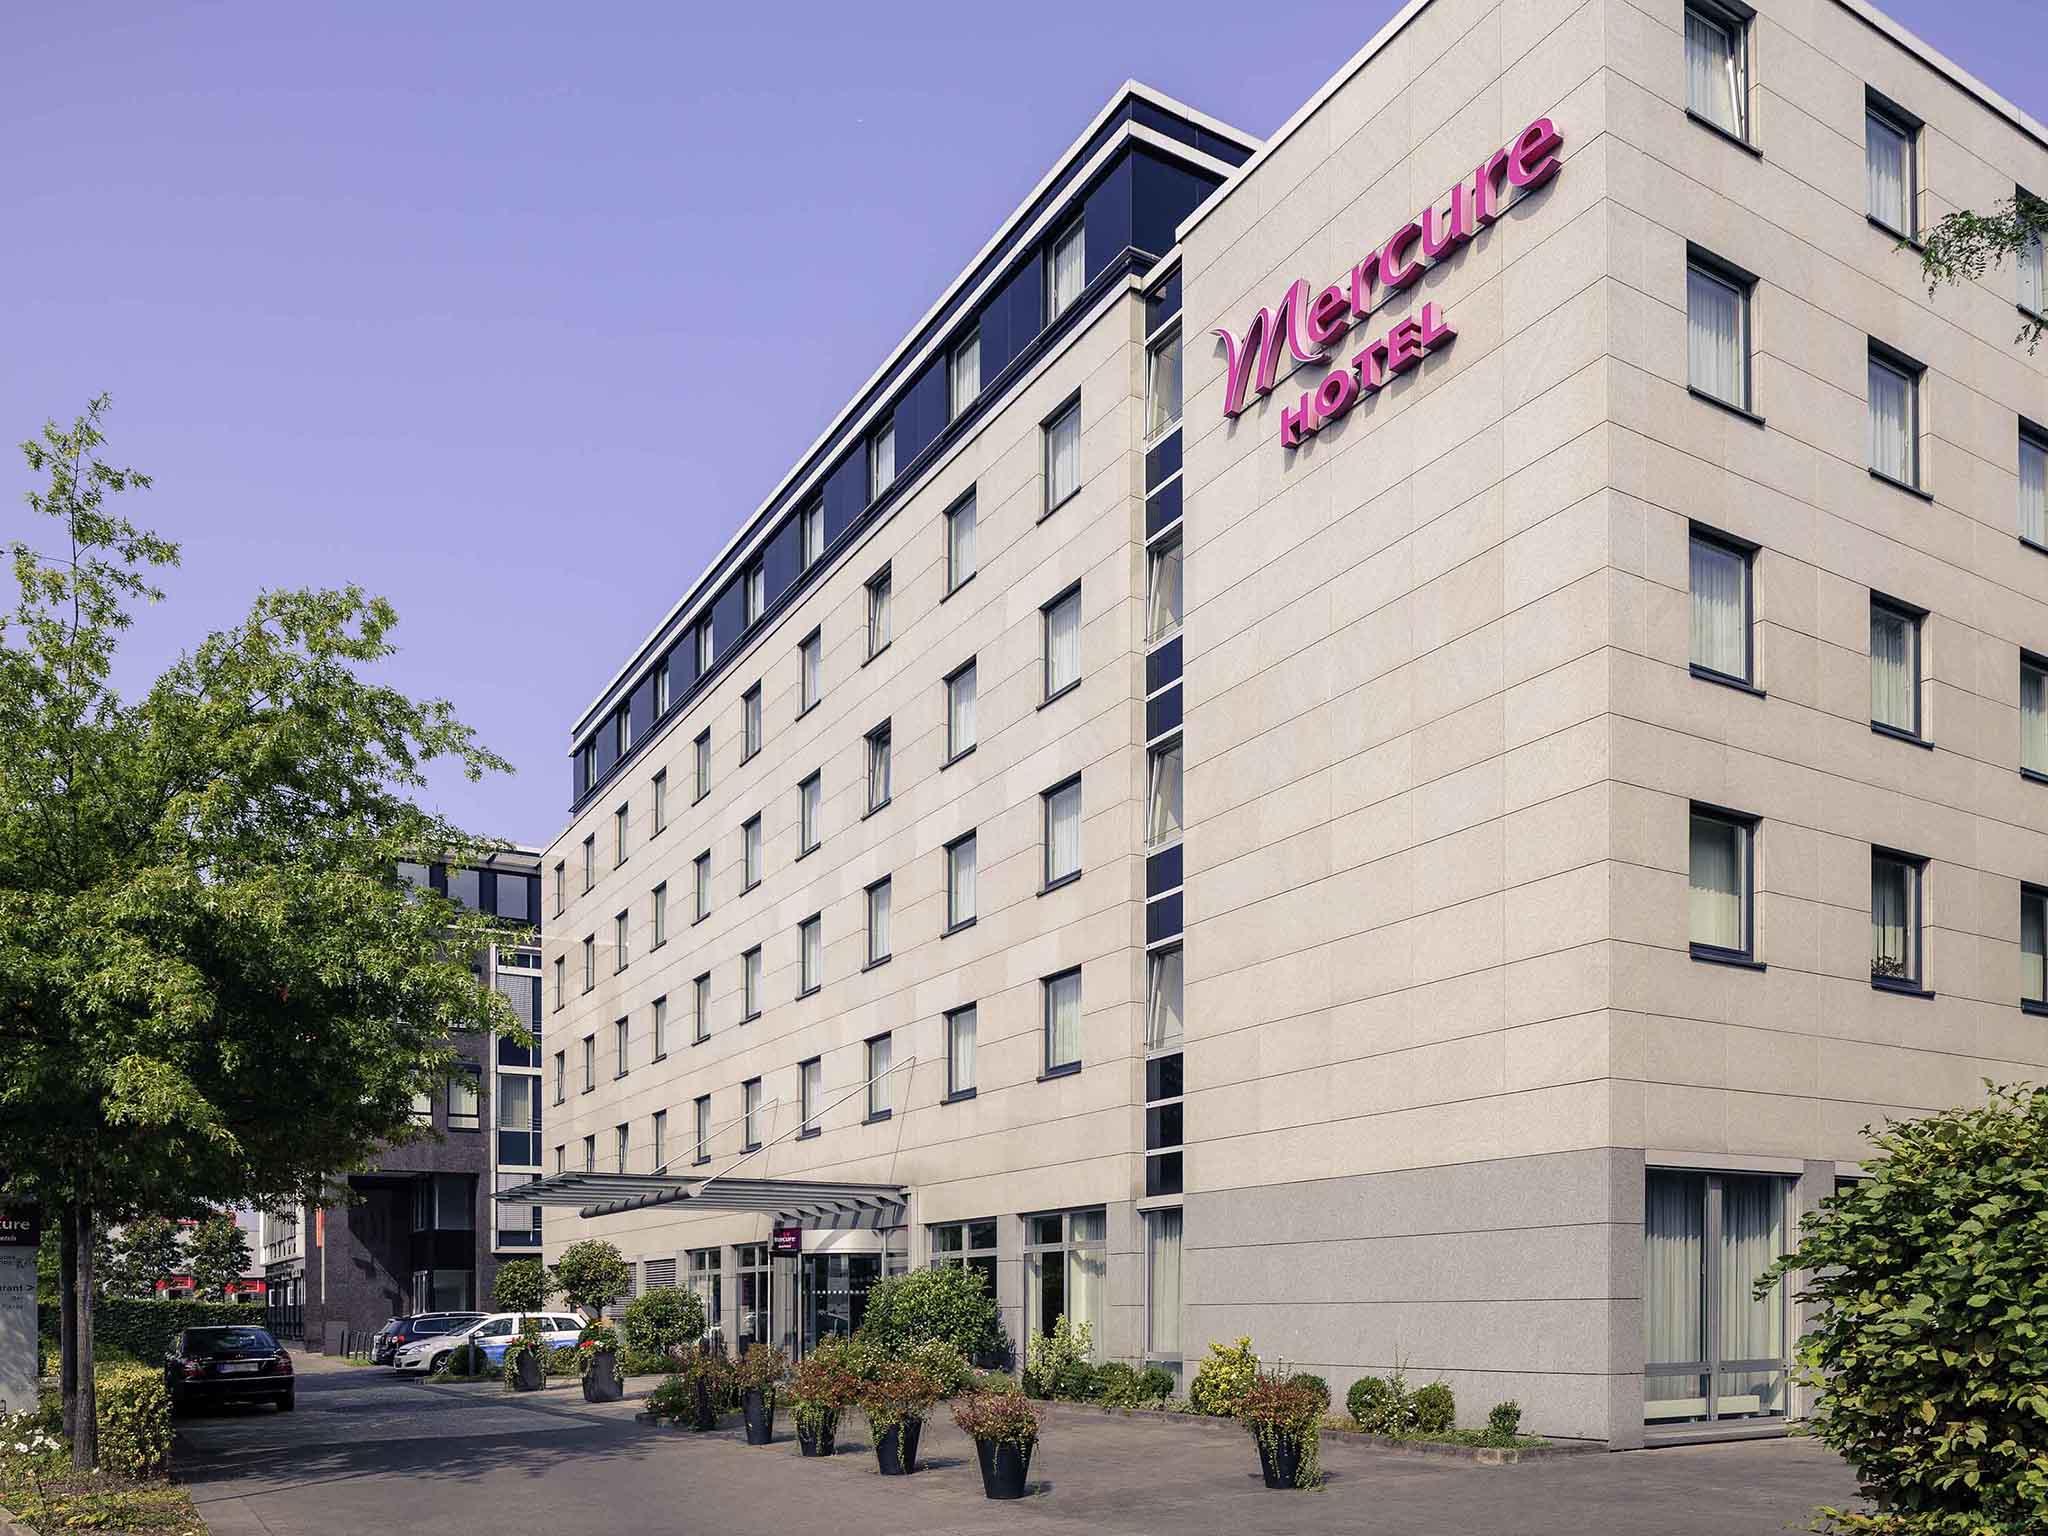 酒店 – 杜塞尔多夫市北部美居酒店